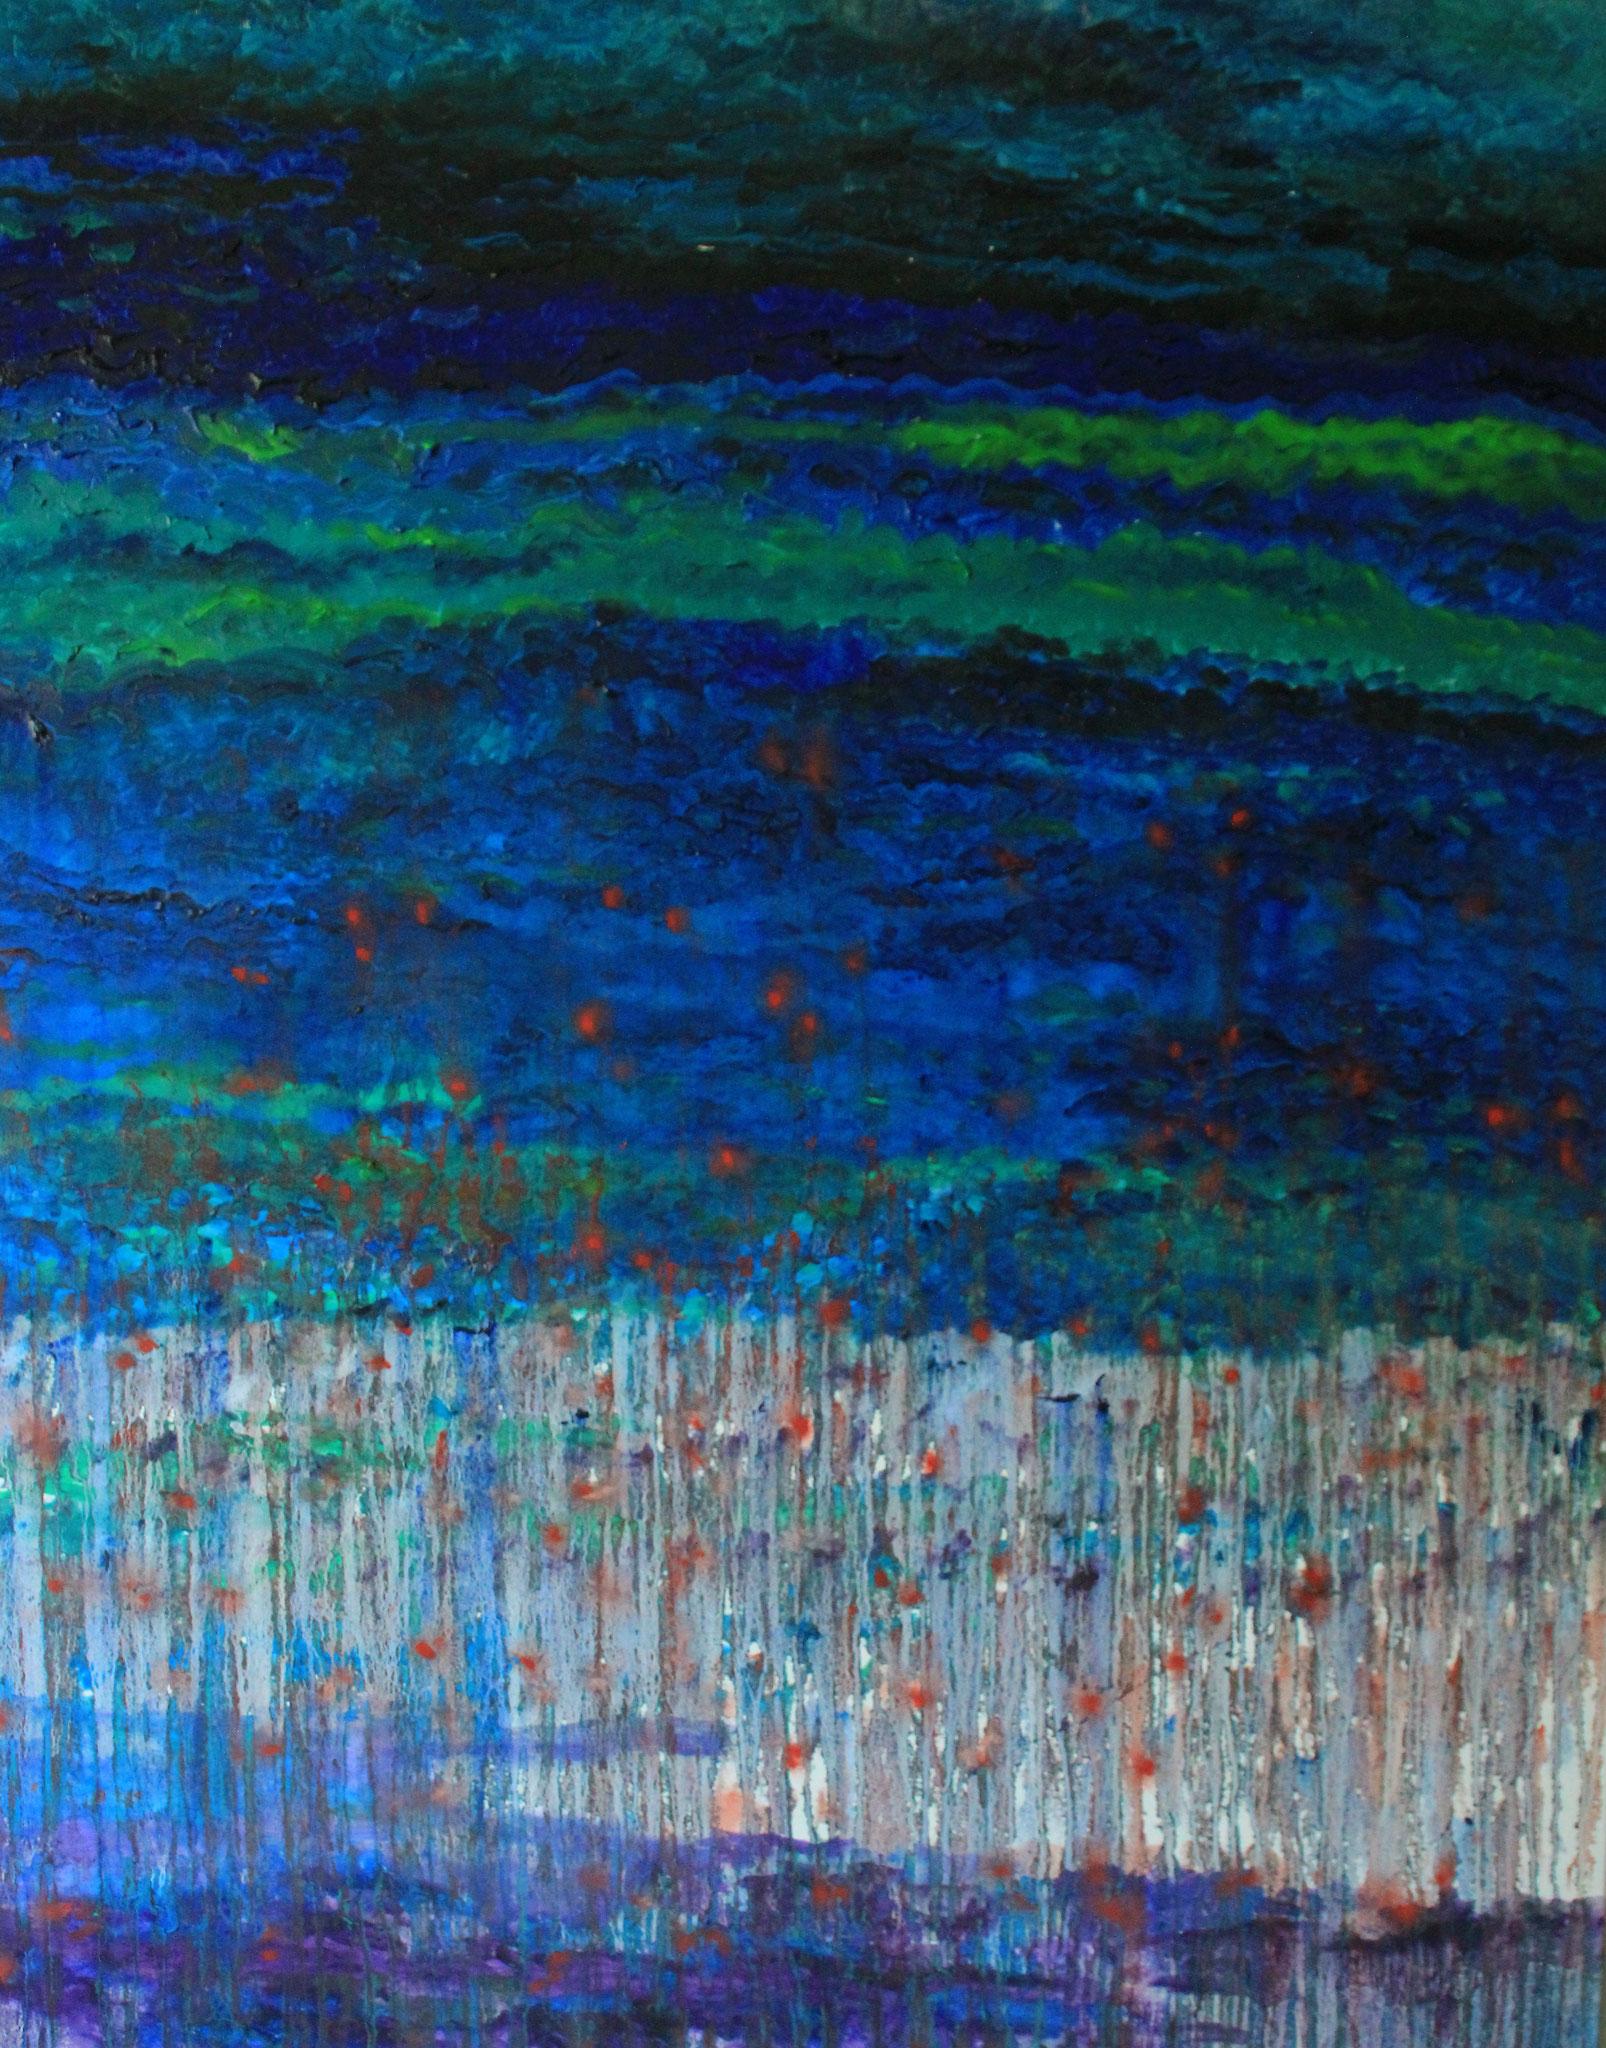 blauw, 2017, olieverf (281)